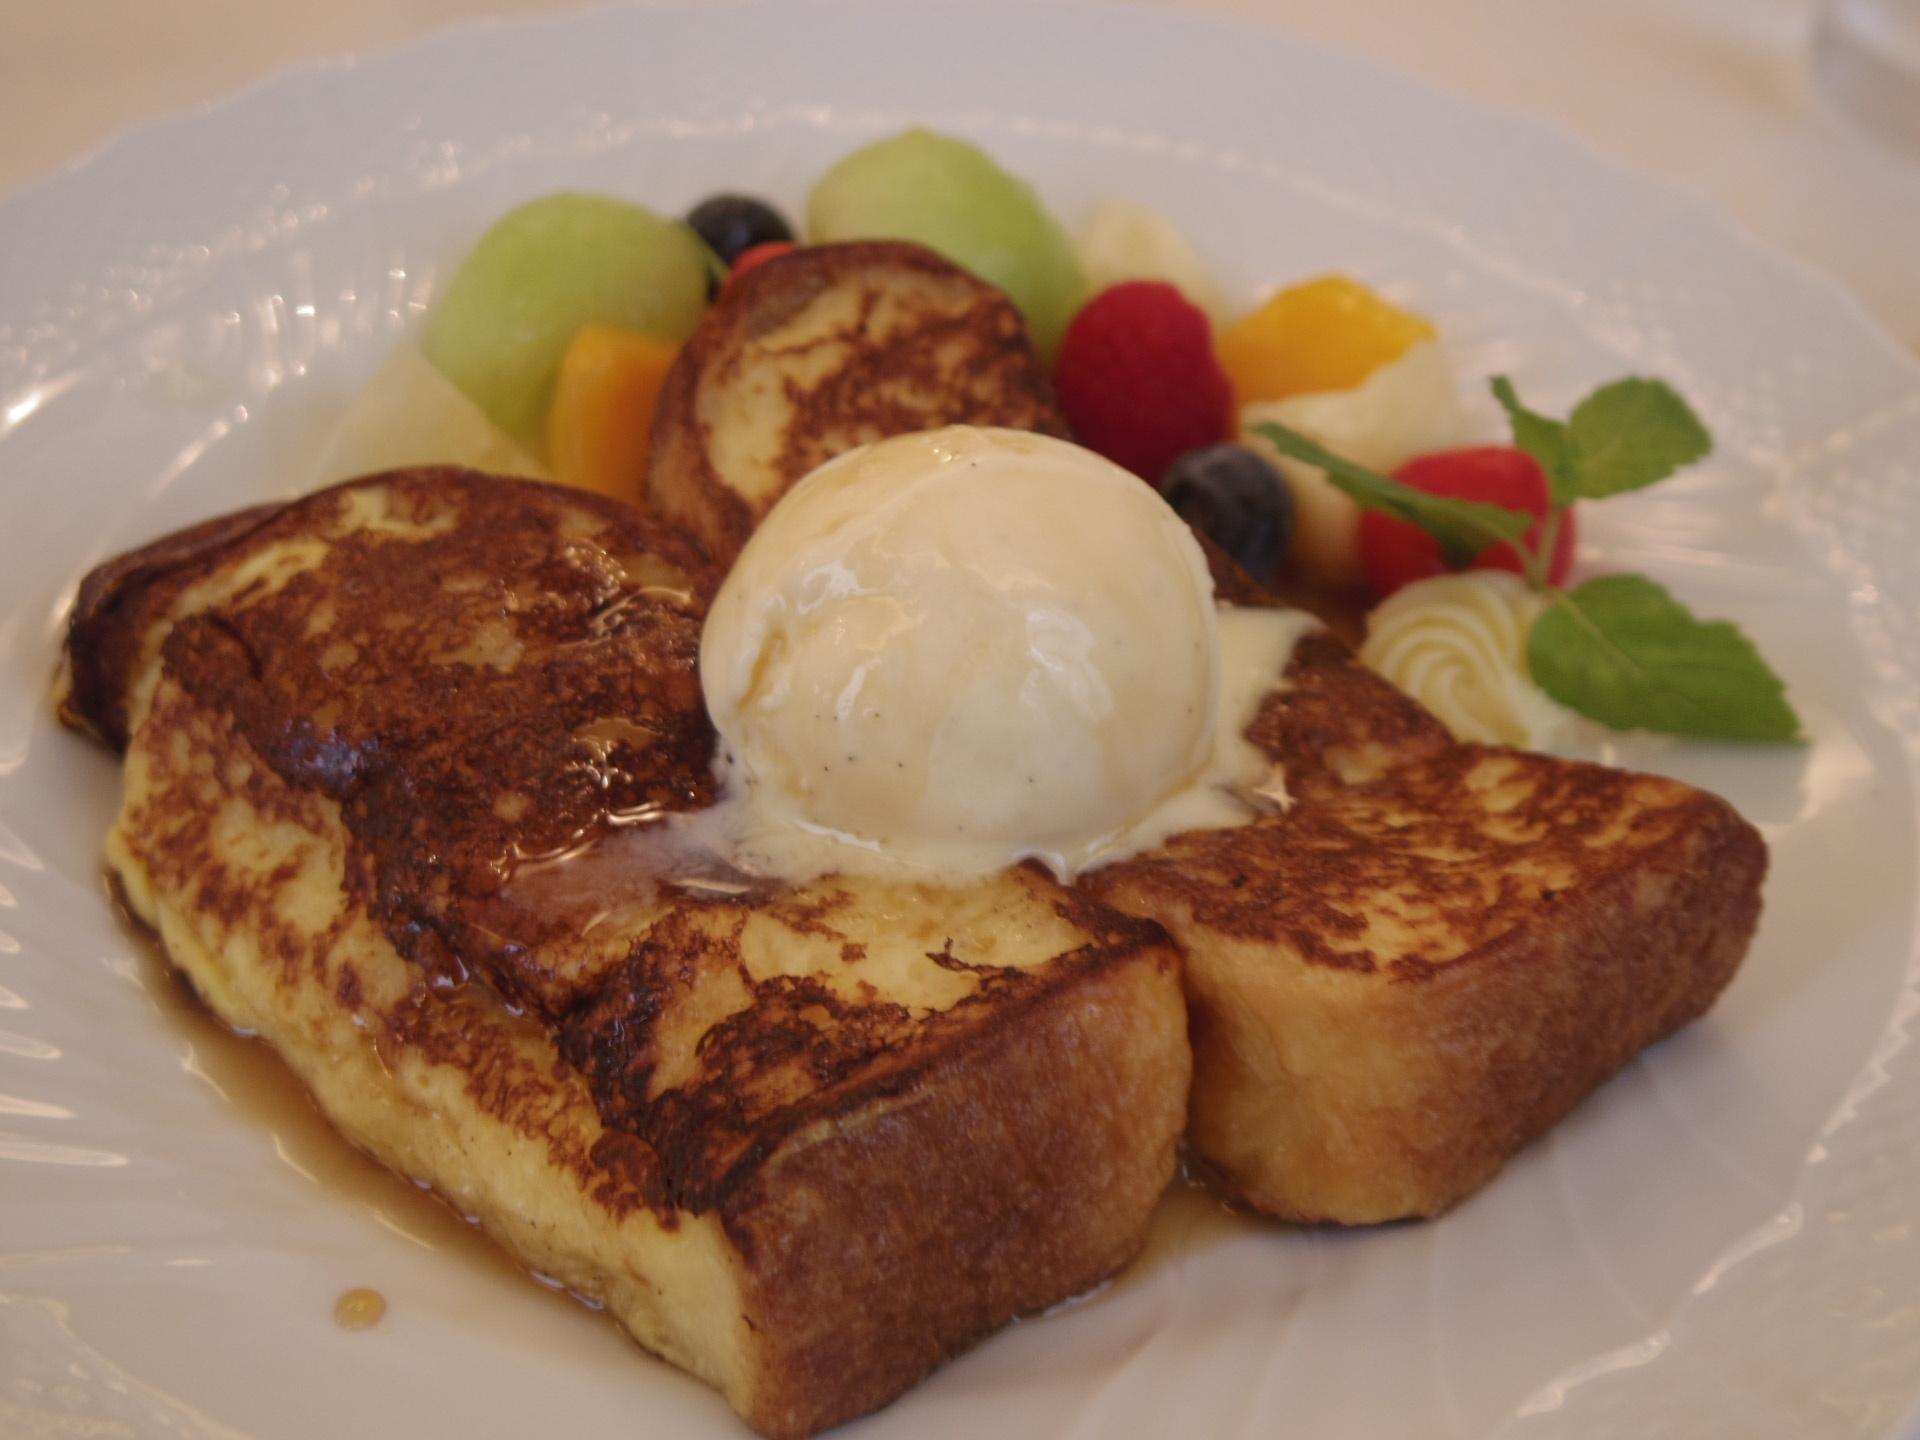 可以在復古的洋館享受限定蛋糕及午餐的「GOKAN-五感 北濱本館」! 米做的蛋糕和繽紛美味的甜點,不論是買來犒賞自己或當伴手禮送人都非常適合!